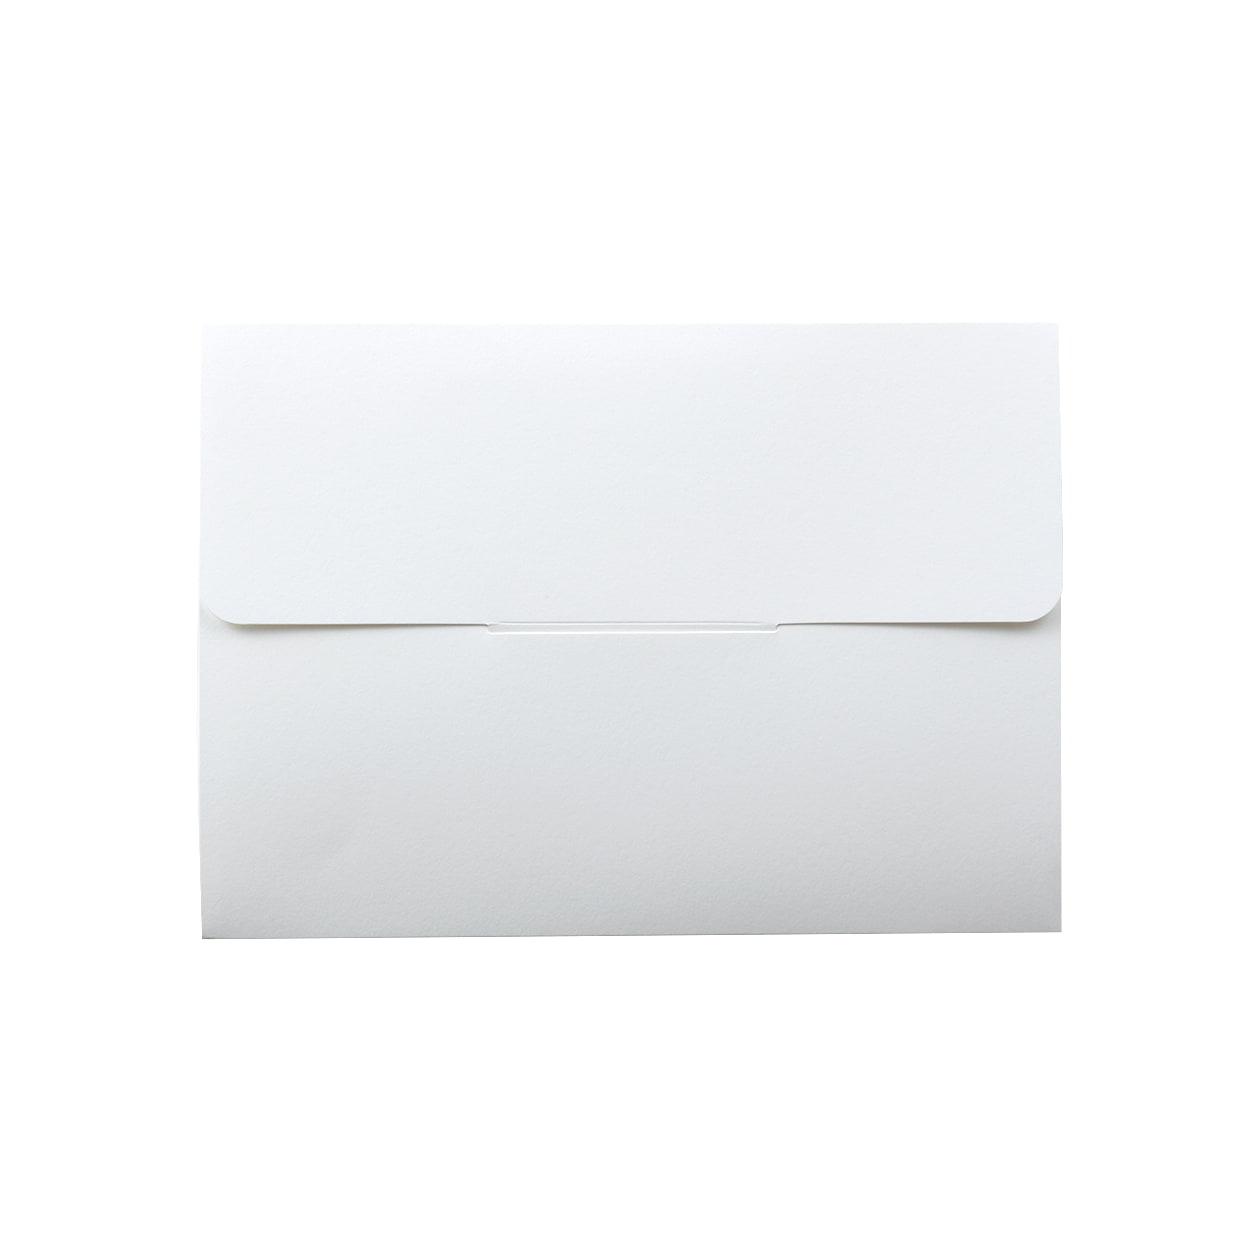 封筒型フォルダーA5用 差込有 コットン スノーホワイト 232.8g マチ6mm